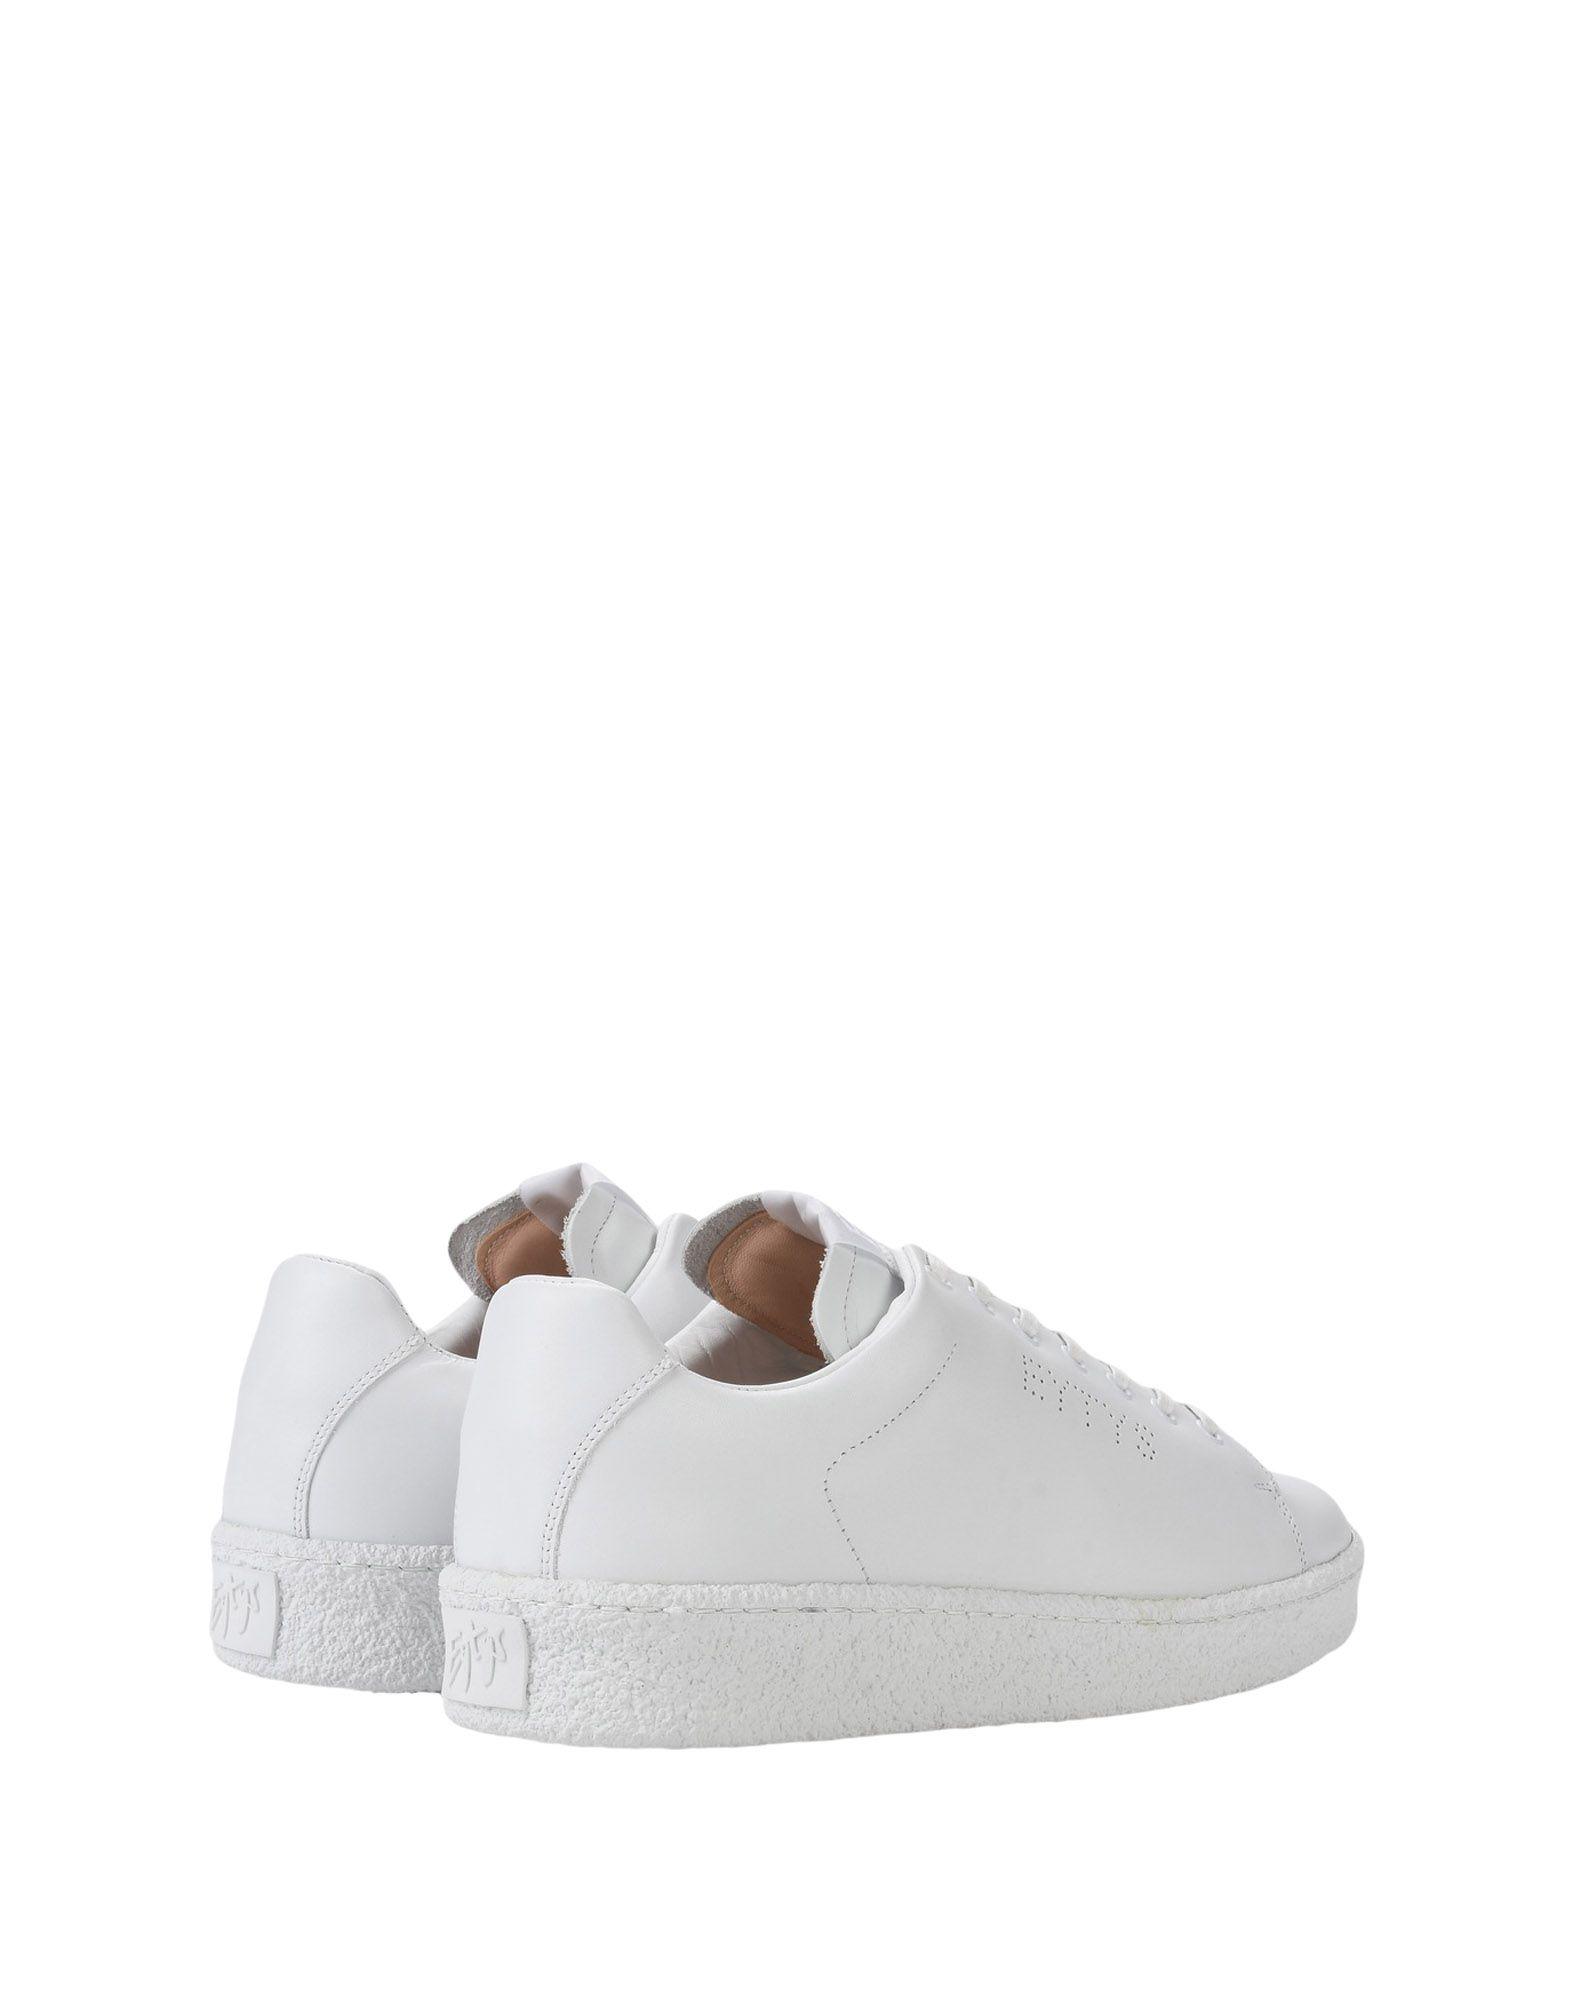 Eytys Heiße Sneakers Damen  11437654JF Heiße Eytys Schuhe 0ef51b